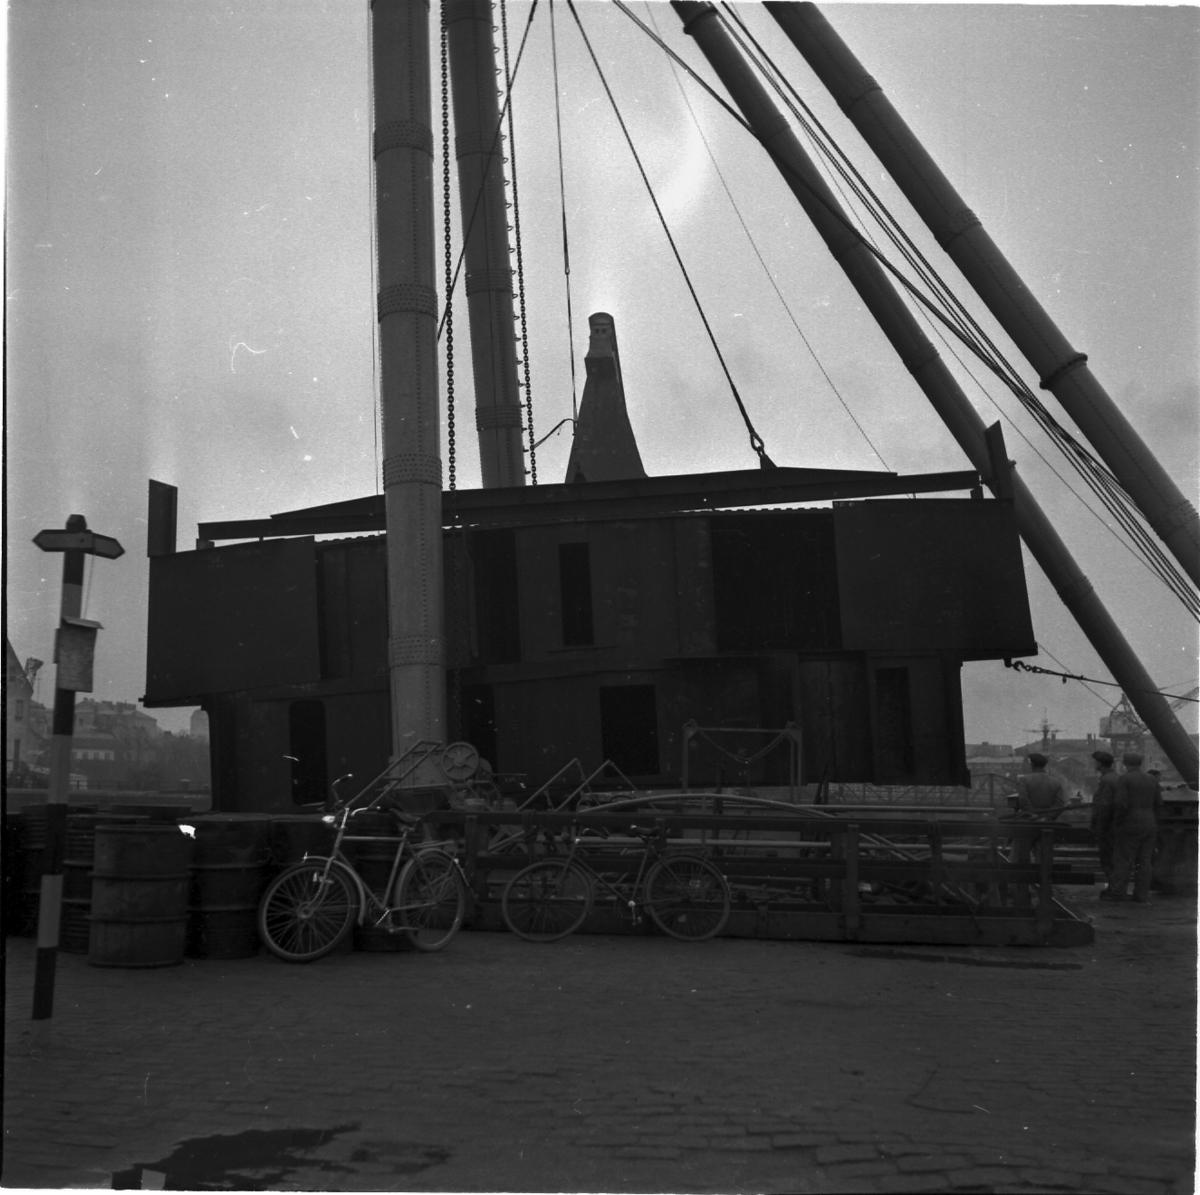 Fartyg: THULE                           Övrigt: Isbrytaren Thules Däckhus lyfts ombord.